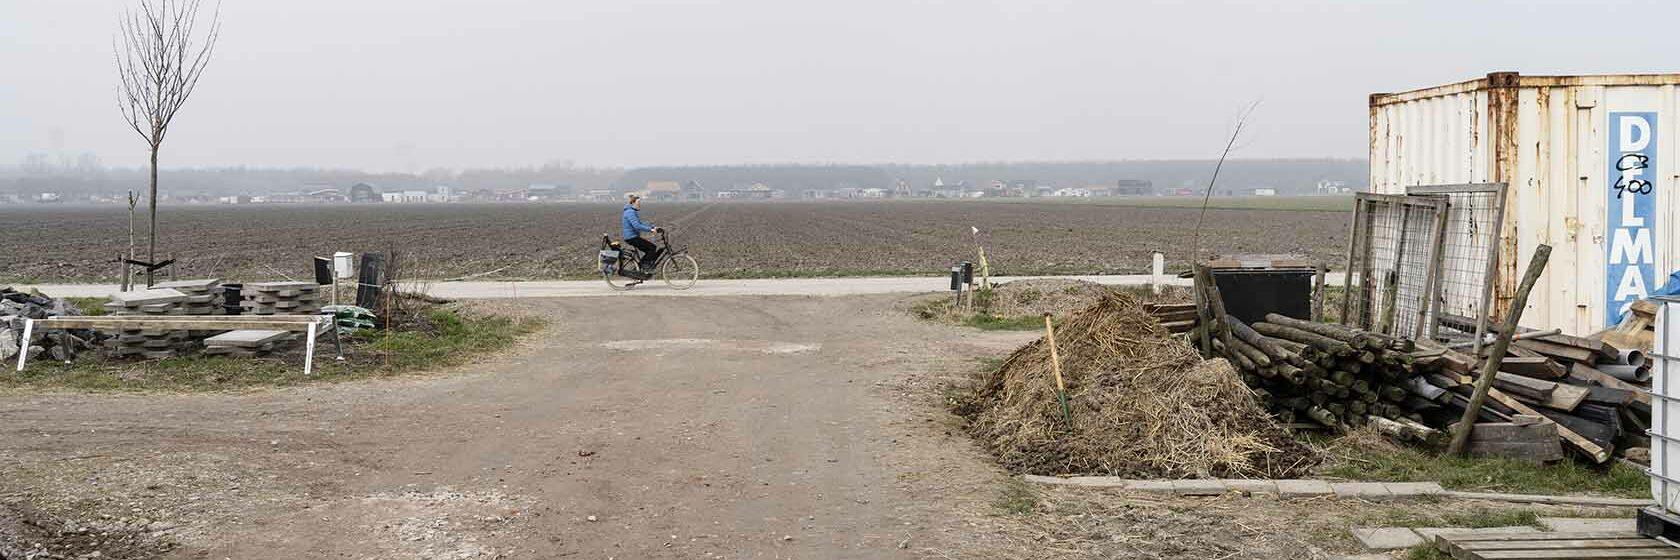 woningbouwlocatie Oosterwold